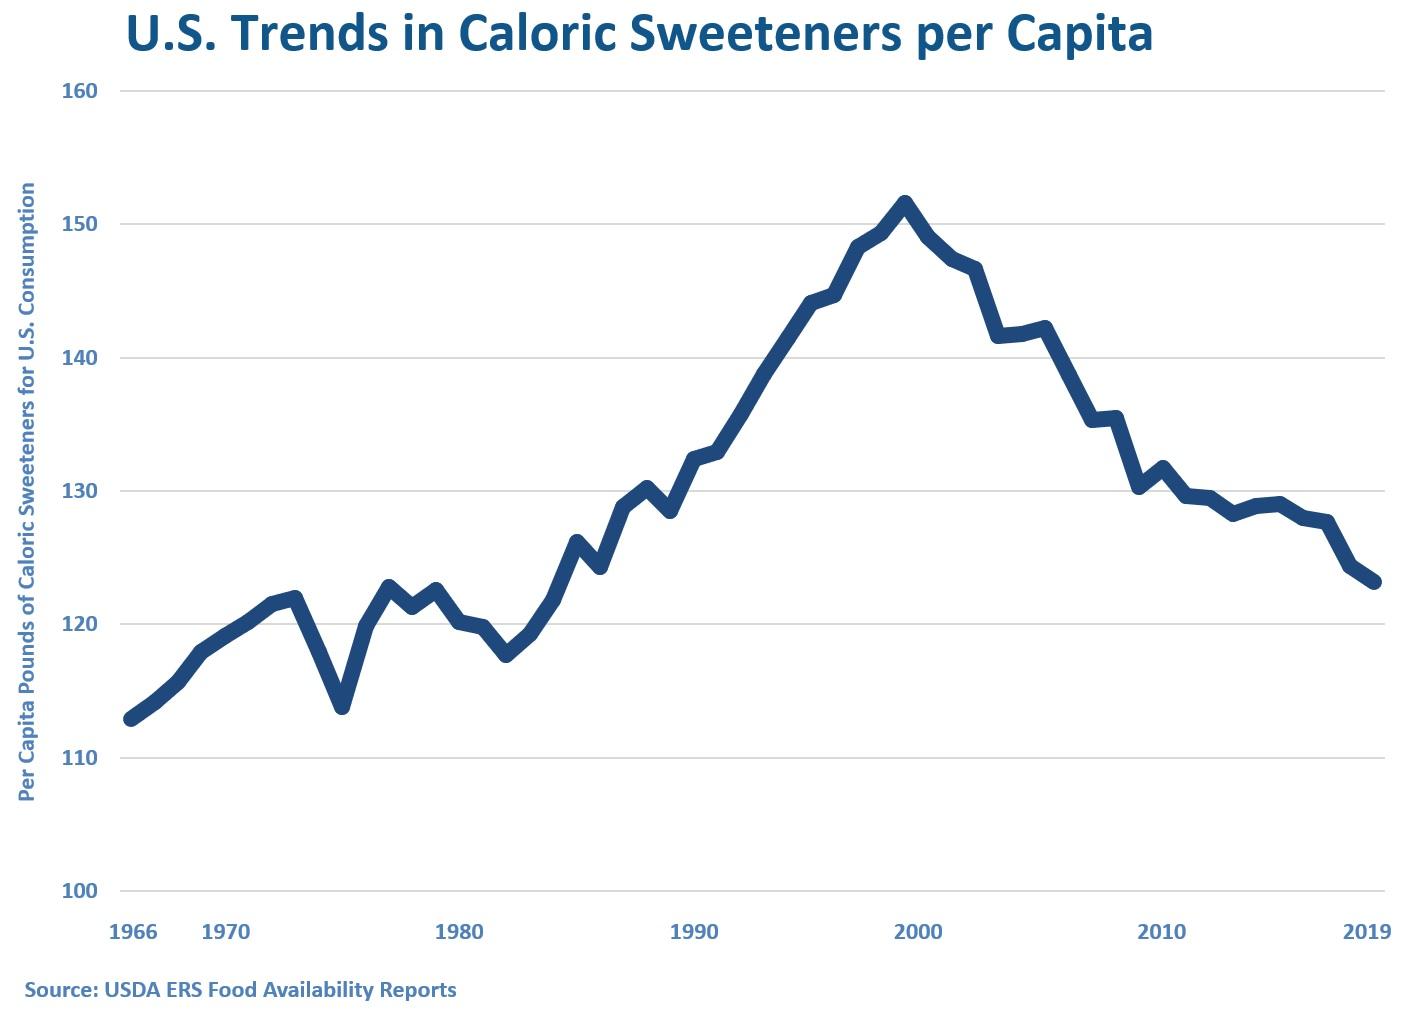 U.S. Trends in Caloric Sweeteners per Capita 1966-2019